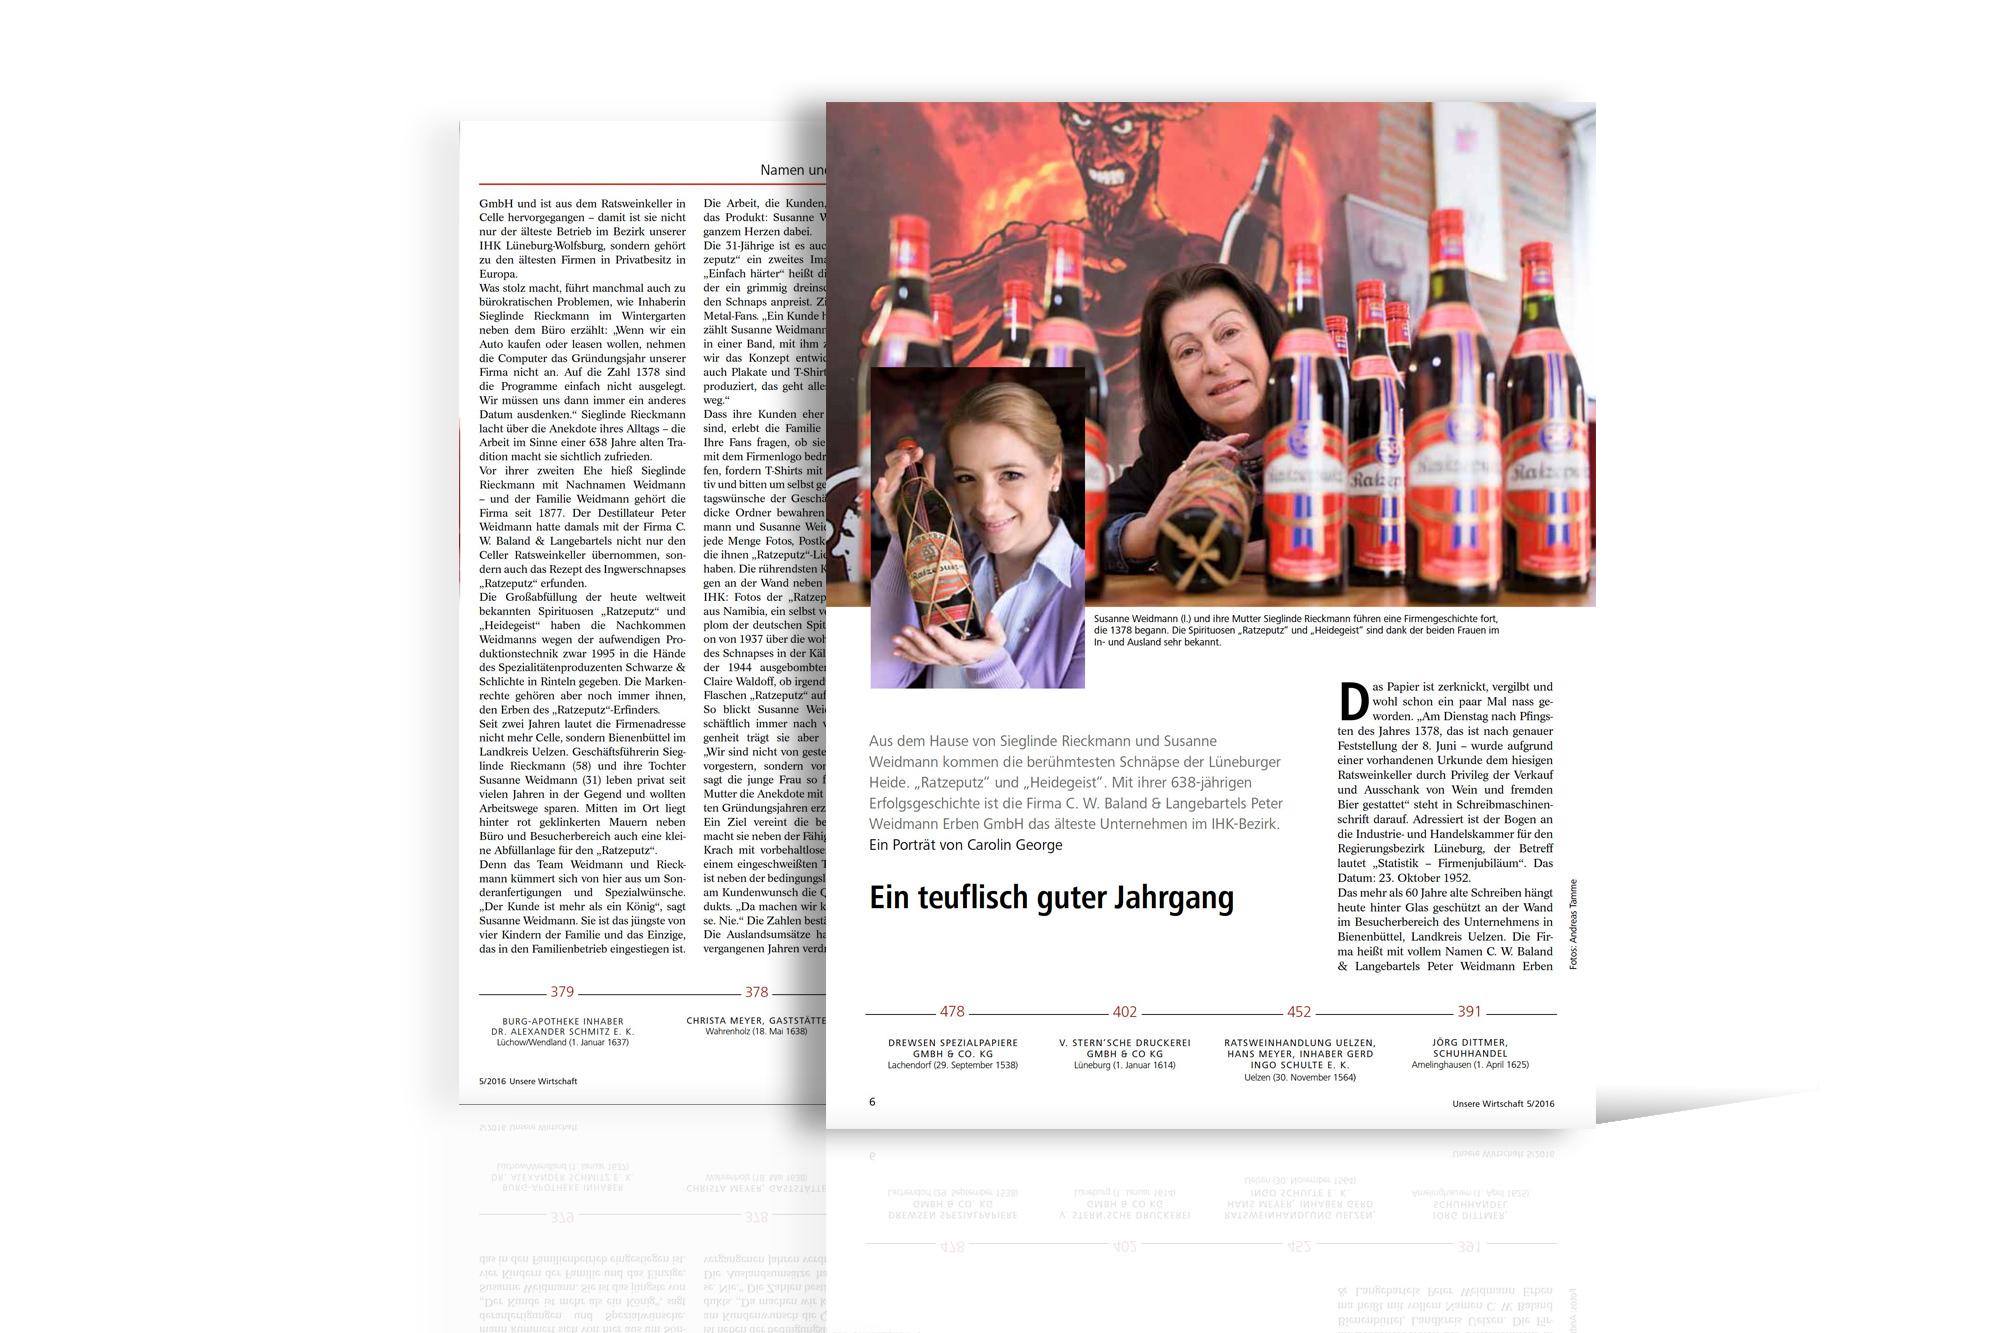 Bericht im IHK-Magazin Unsere Wirtschaft 2016